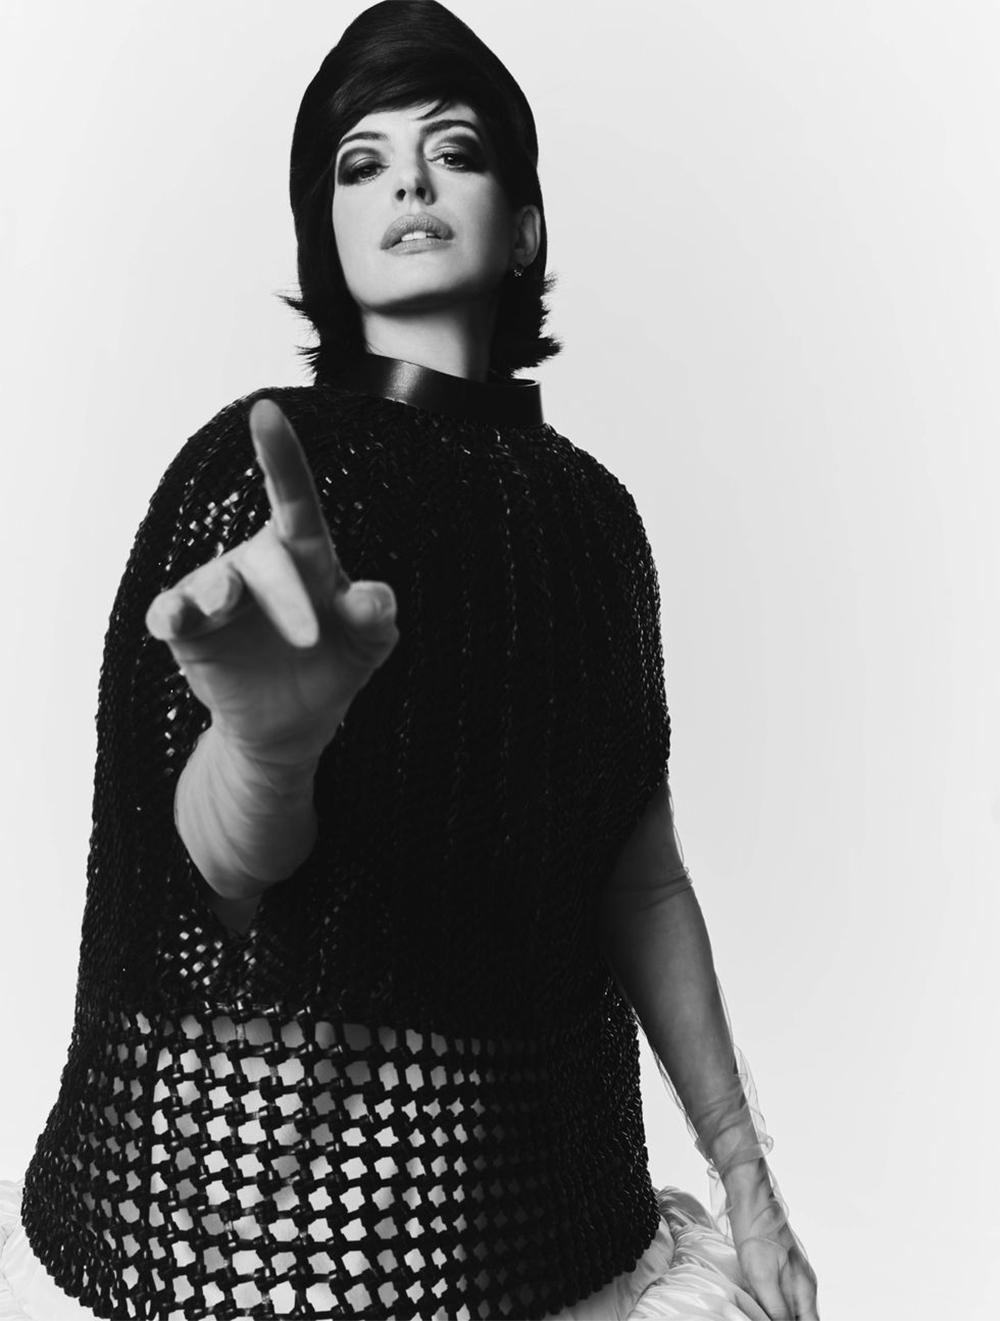 Энн Хэтэуэй снялась в роскошной съемке для глянца (ФОТО) - фото №3